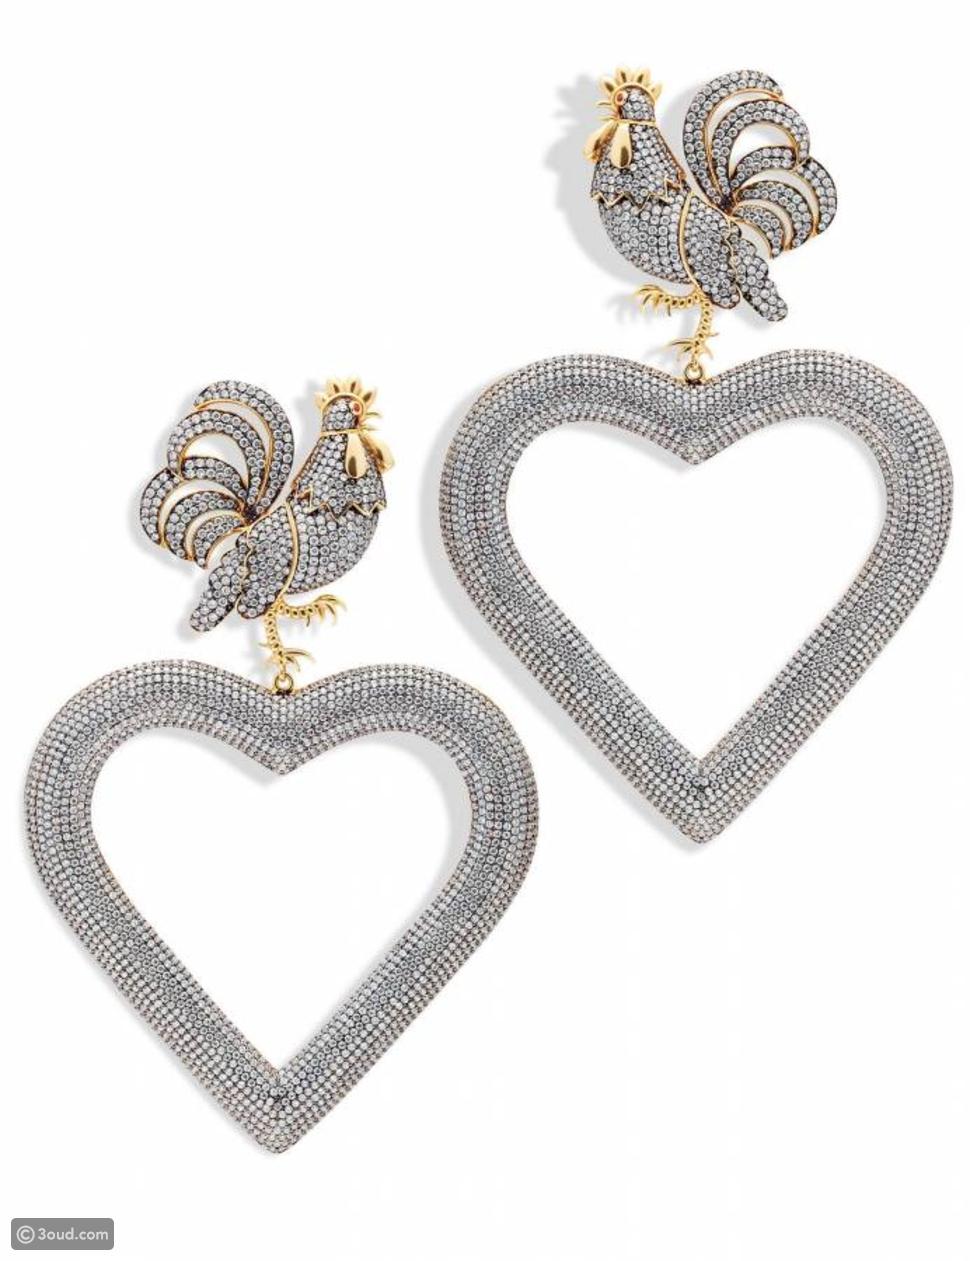 أكوازورا تتعاون مع مصممة مجوهرات تركية